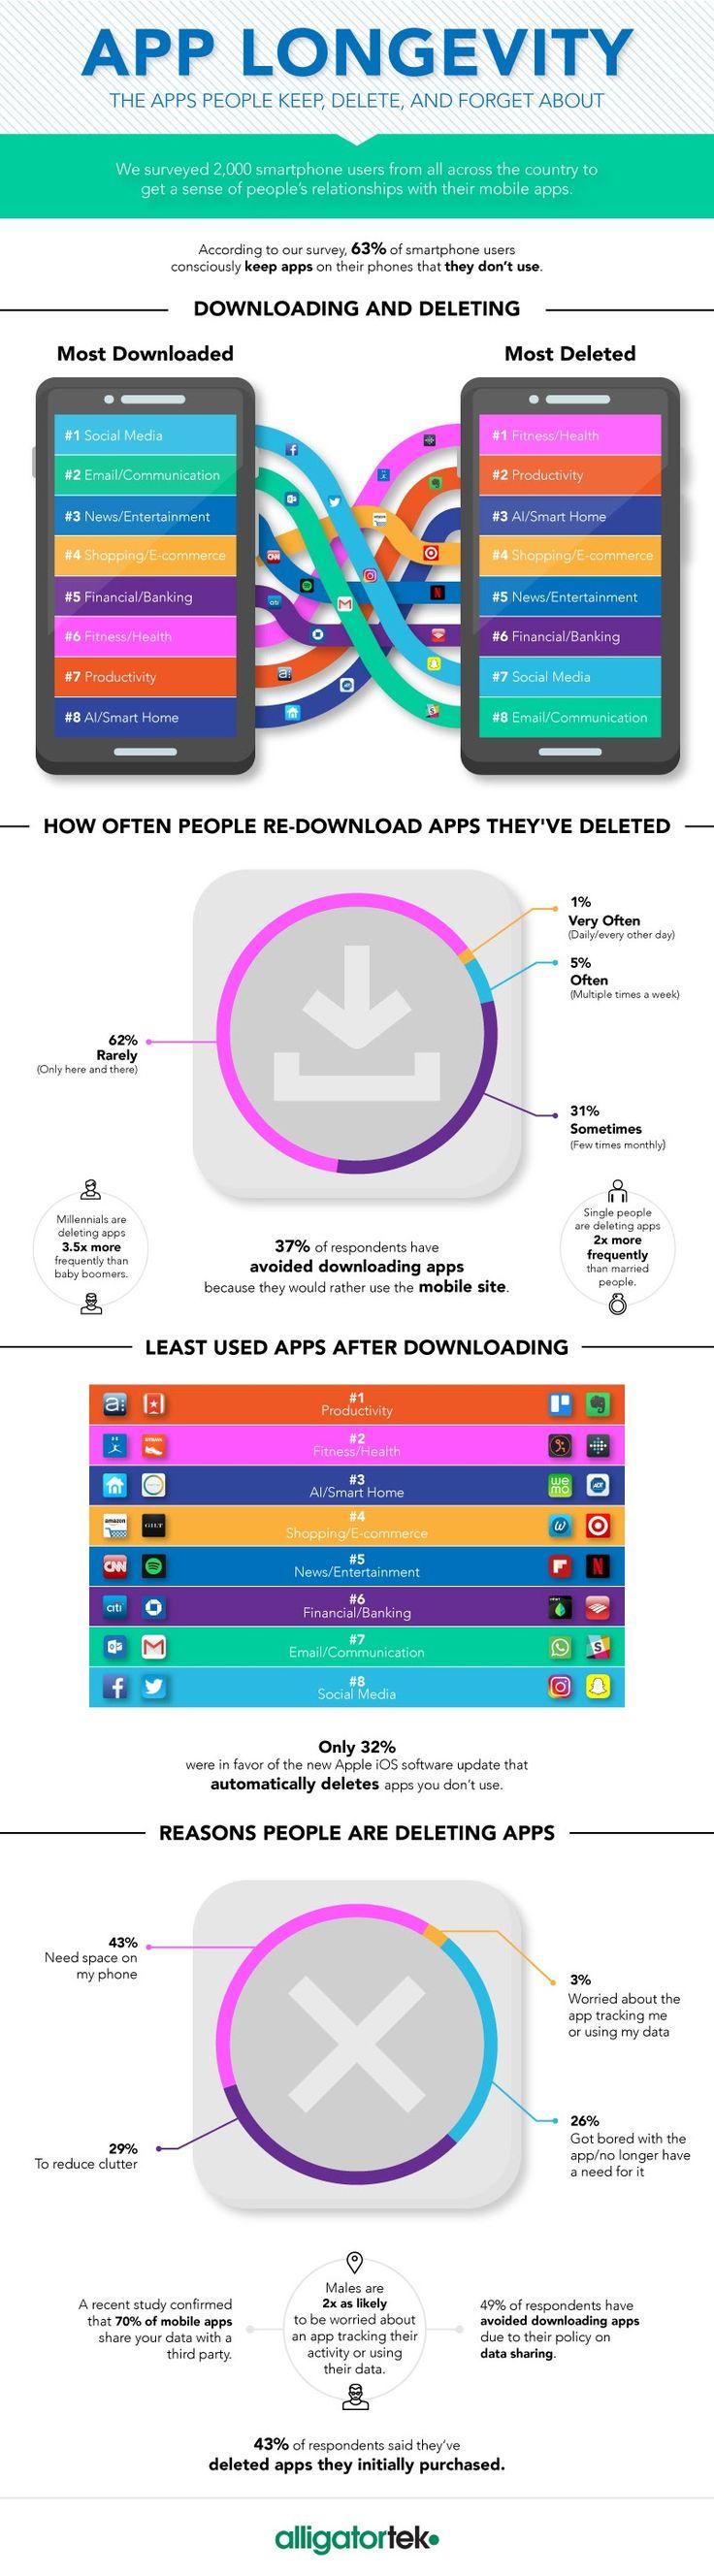 Top 8 de las aplicaciones más descargadas y las 8 más eliminadas según su categoría #apps